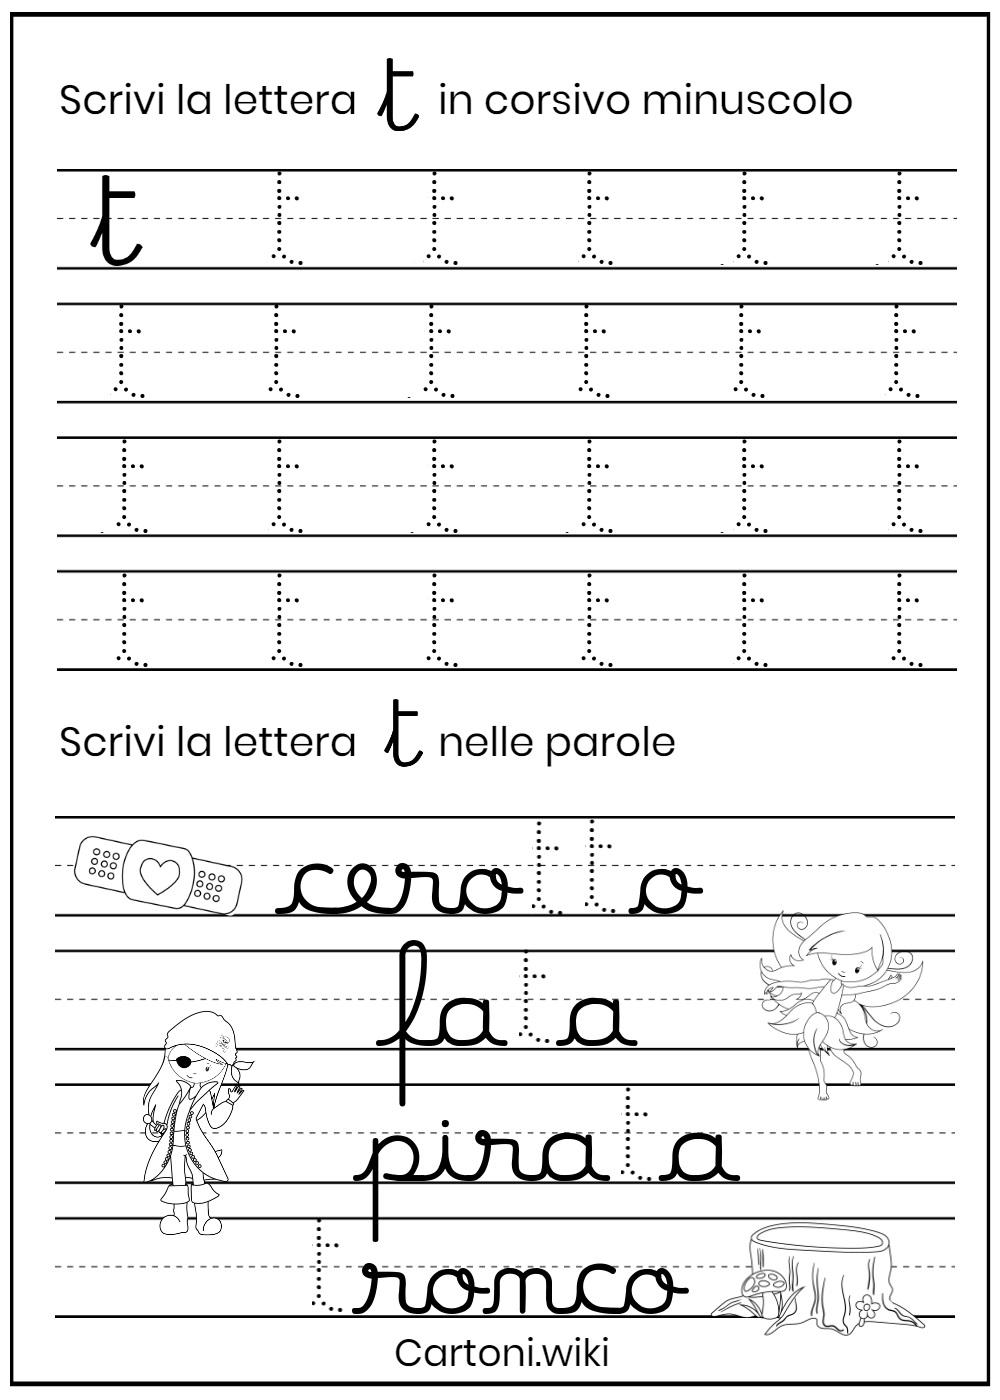 Lettera t corsivo minuscolo - Cartoni animati